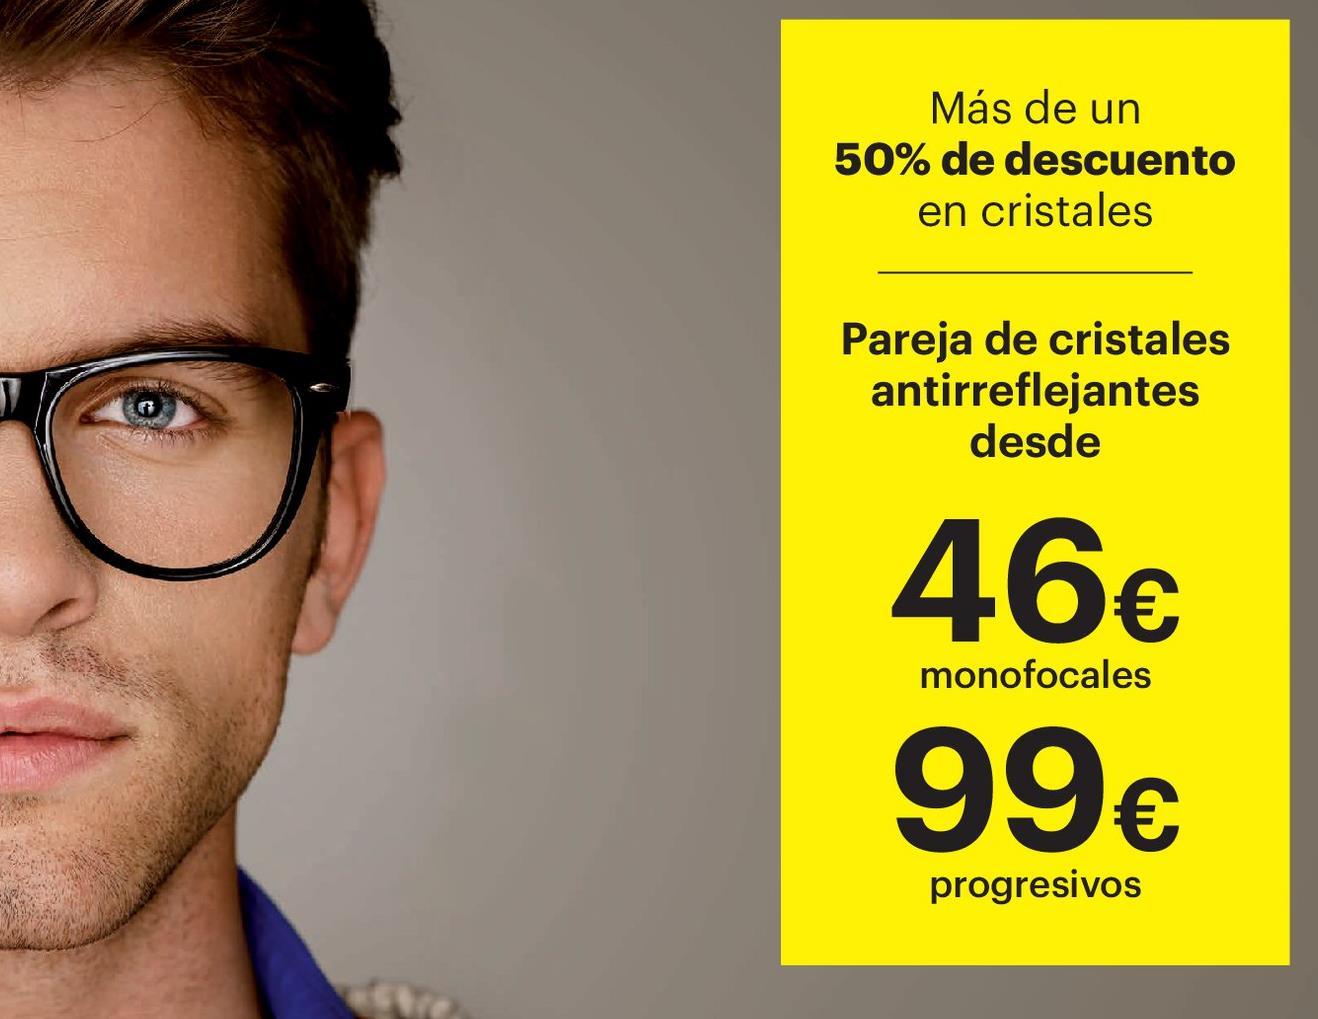 9fef46eb57 ValenciaOfertas Y Graduadas En Comprar Descuentos Gafas wPy0vmN8nO